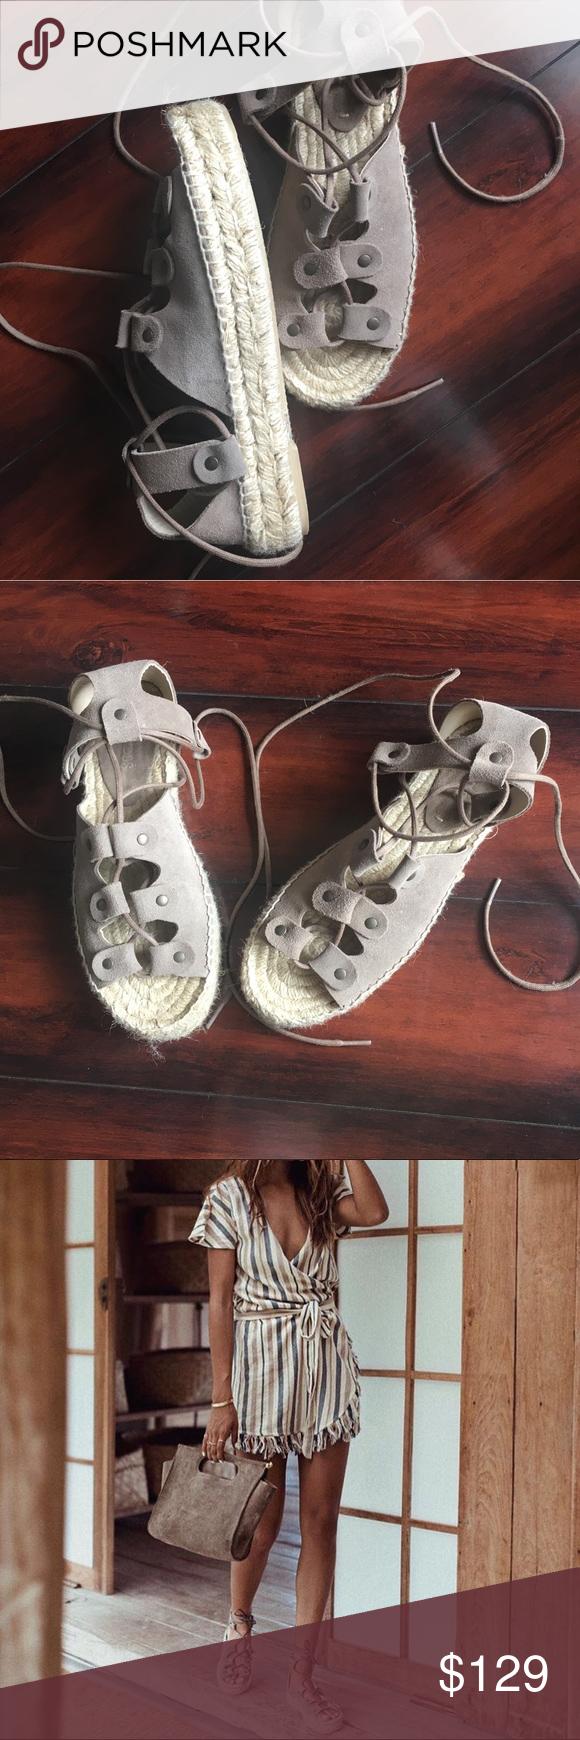 ec7286bbdc80 Soludos Ghillie Platform Sandal Never worn